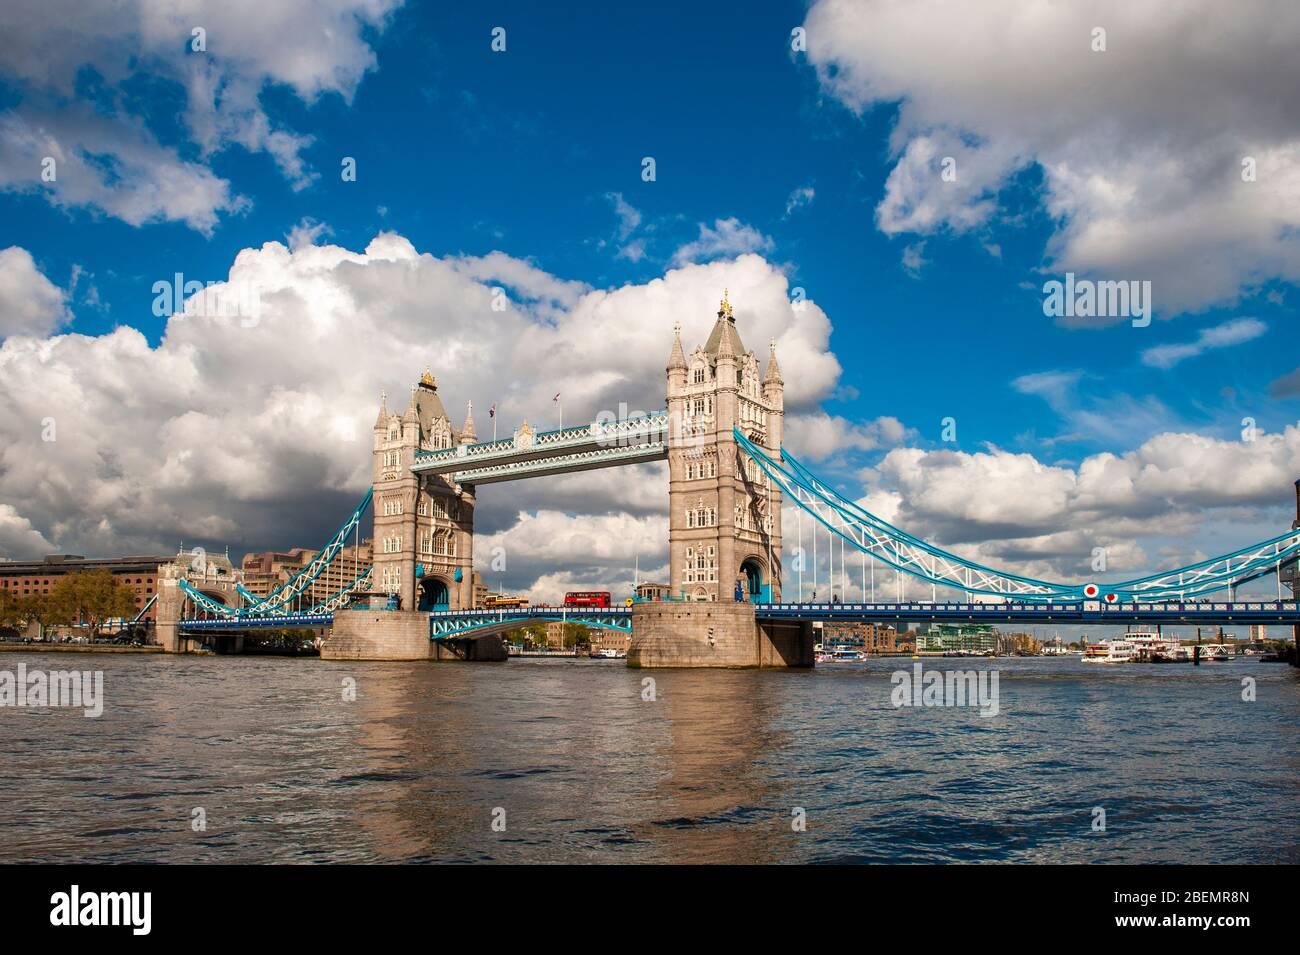 Tower Bridge, Londres, Inglaterra. Es un puente levadizo de Londres, situado en el río Támesis. Considerado uno de los símbolos de la capital inglesa Foto de stock